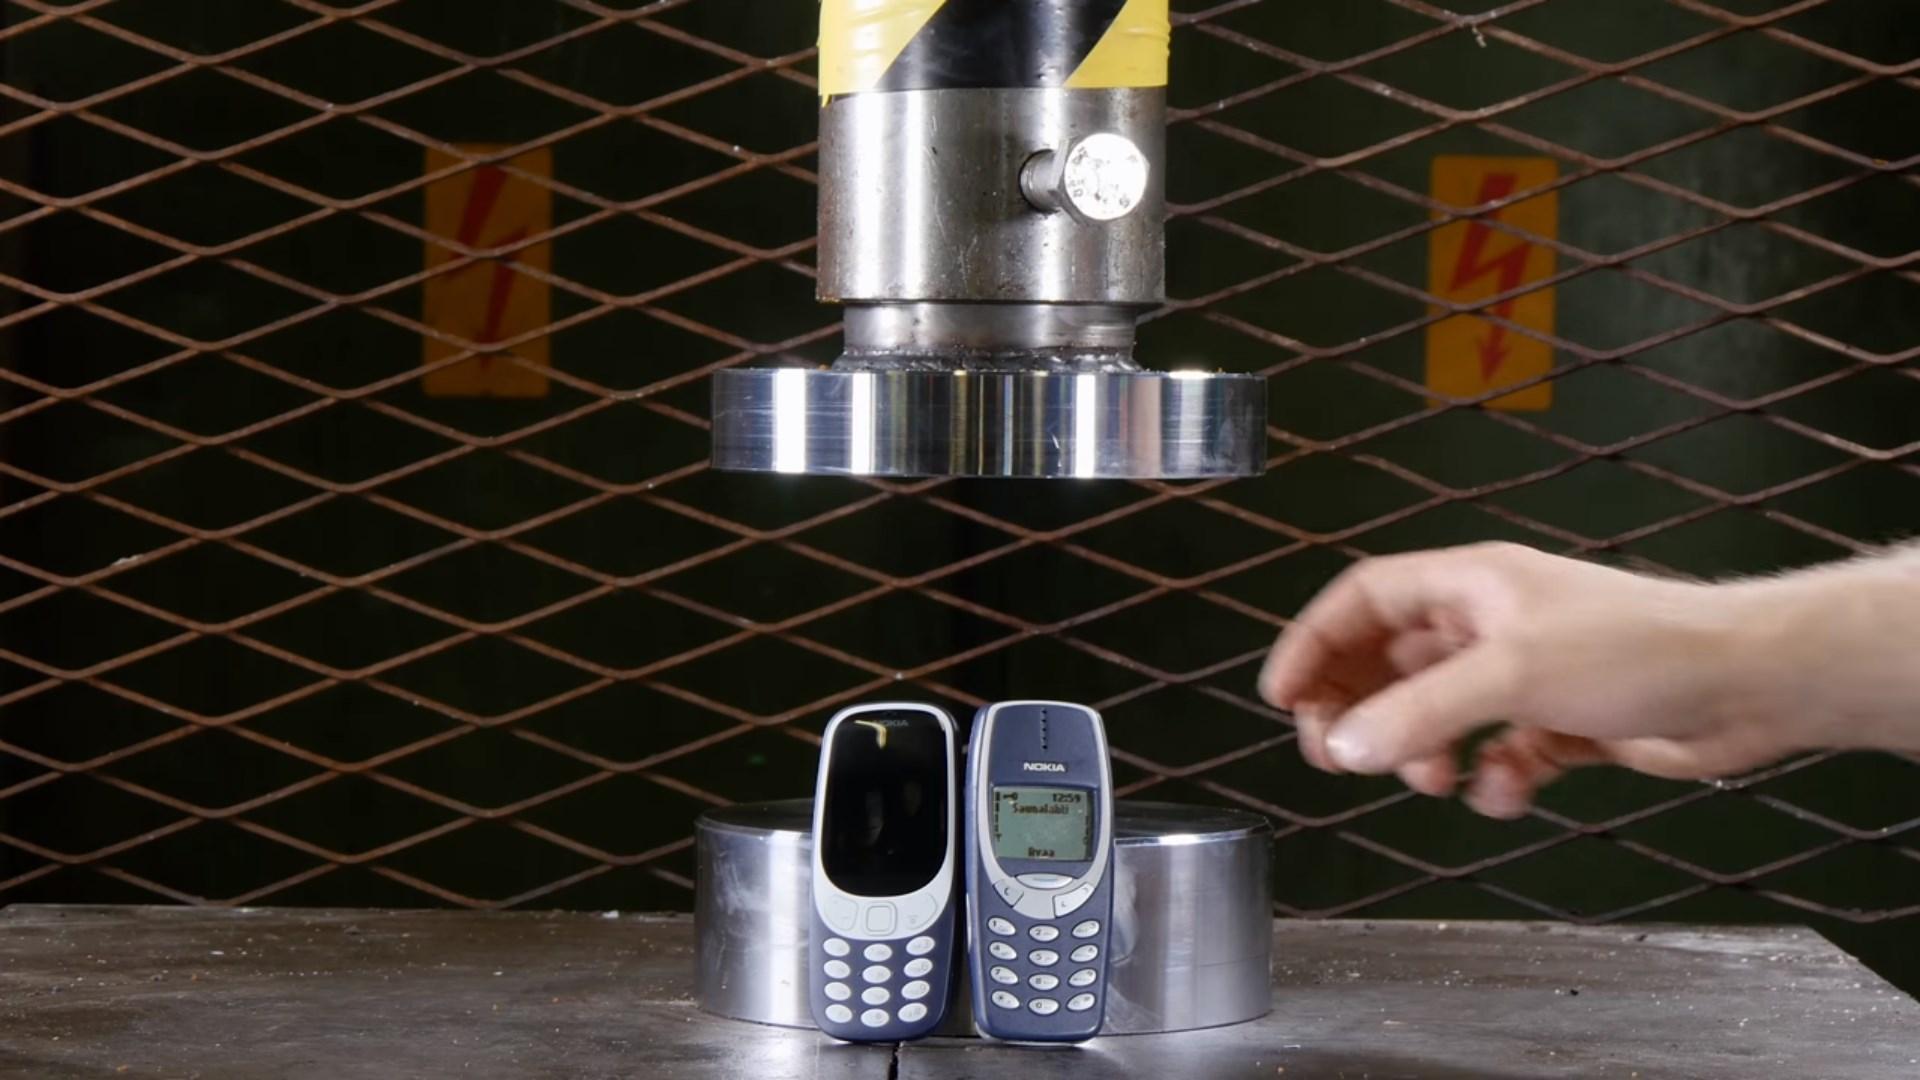 Этот пластик не раздавишь, не убьёшь - Nokia 3310 под прессом